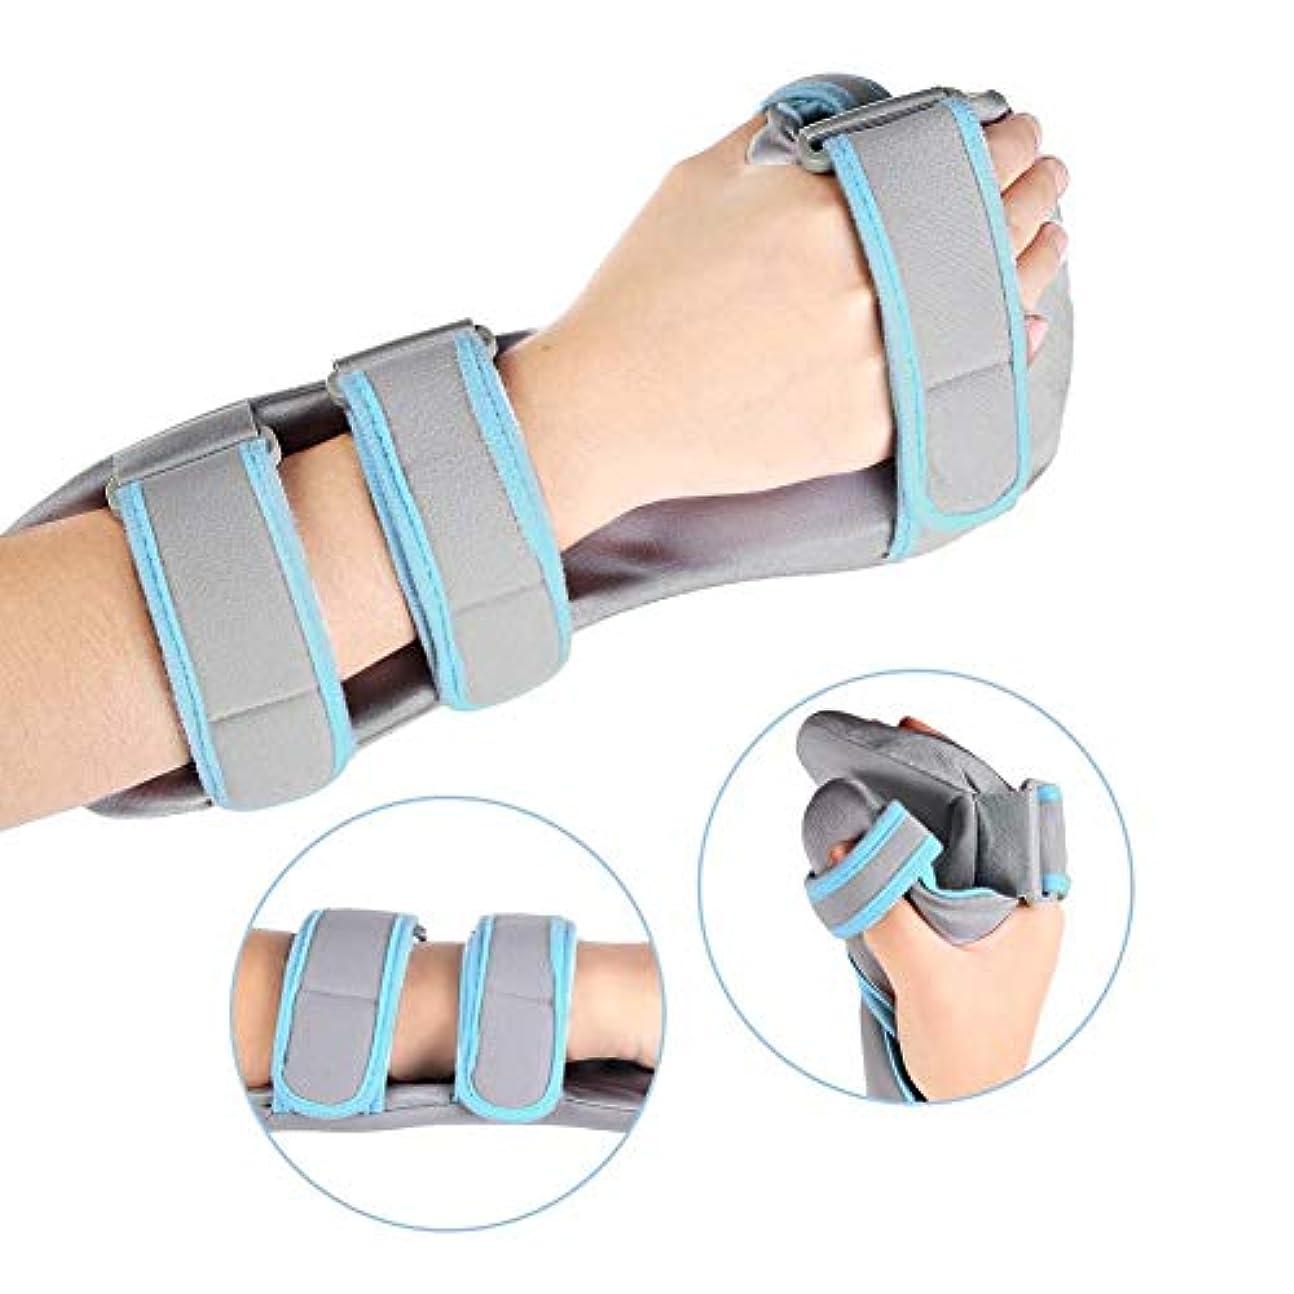 コンプリート柔らかい足エキサイティング手首のサポート、手根管、骨折、捻rain、関節痛の軽減のための調節可能な通気性の手のサポート,Right,S